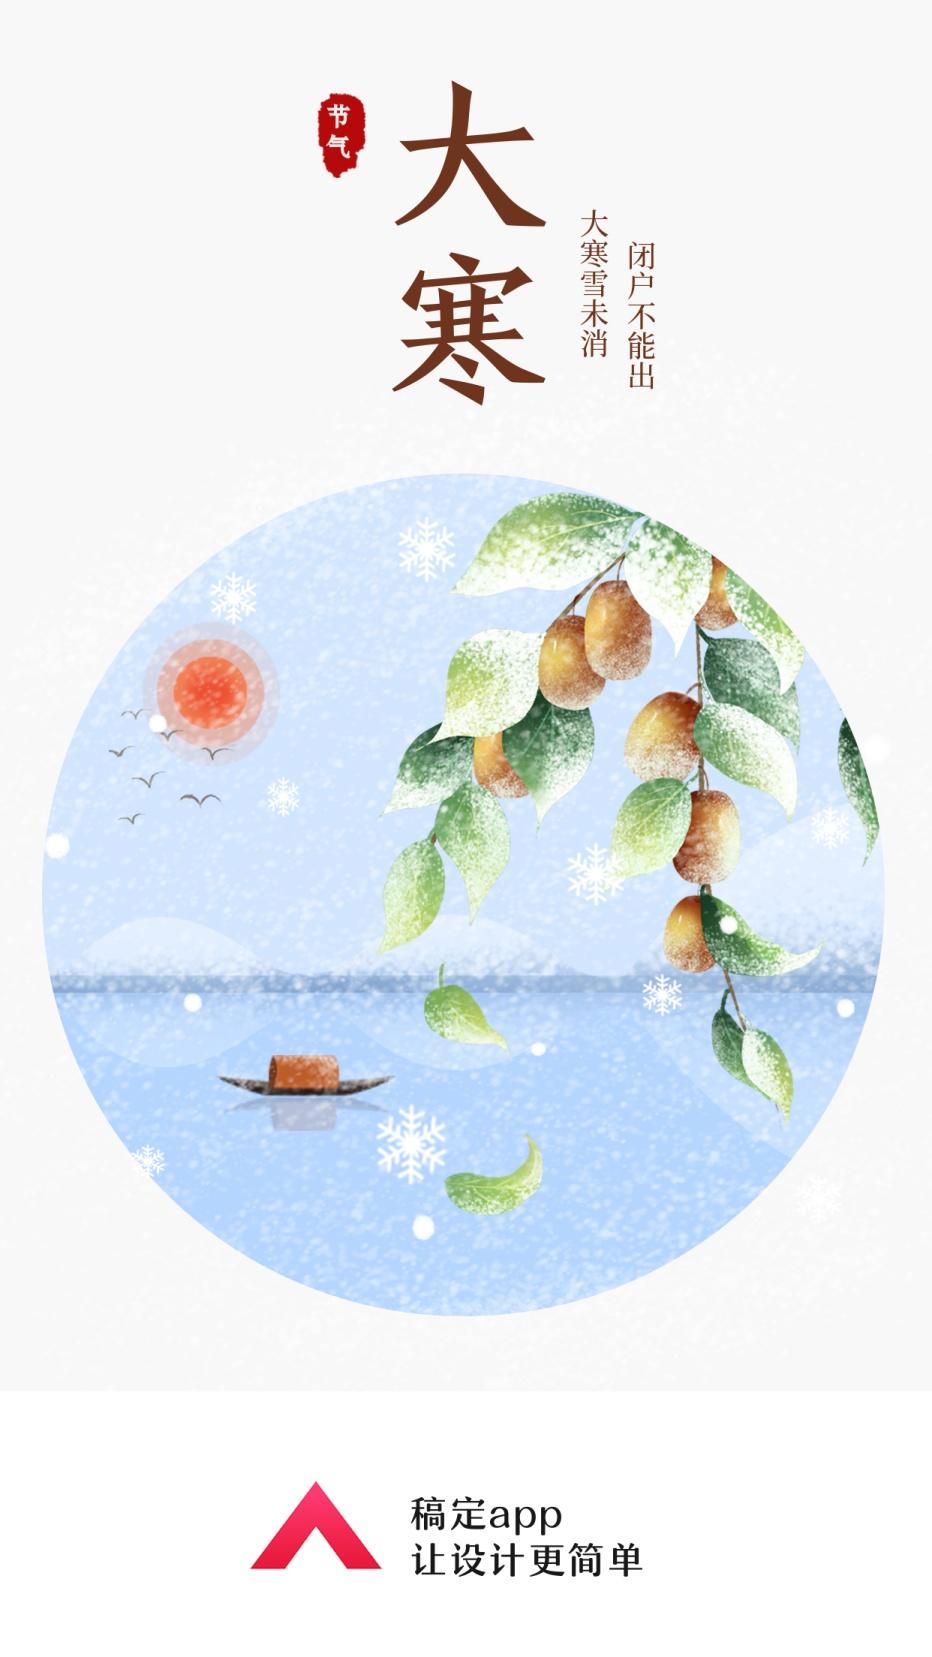 大寒/插画/手机海报